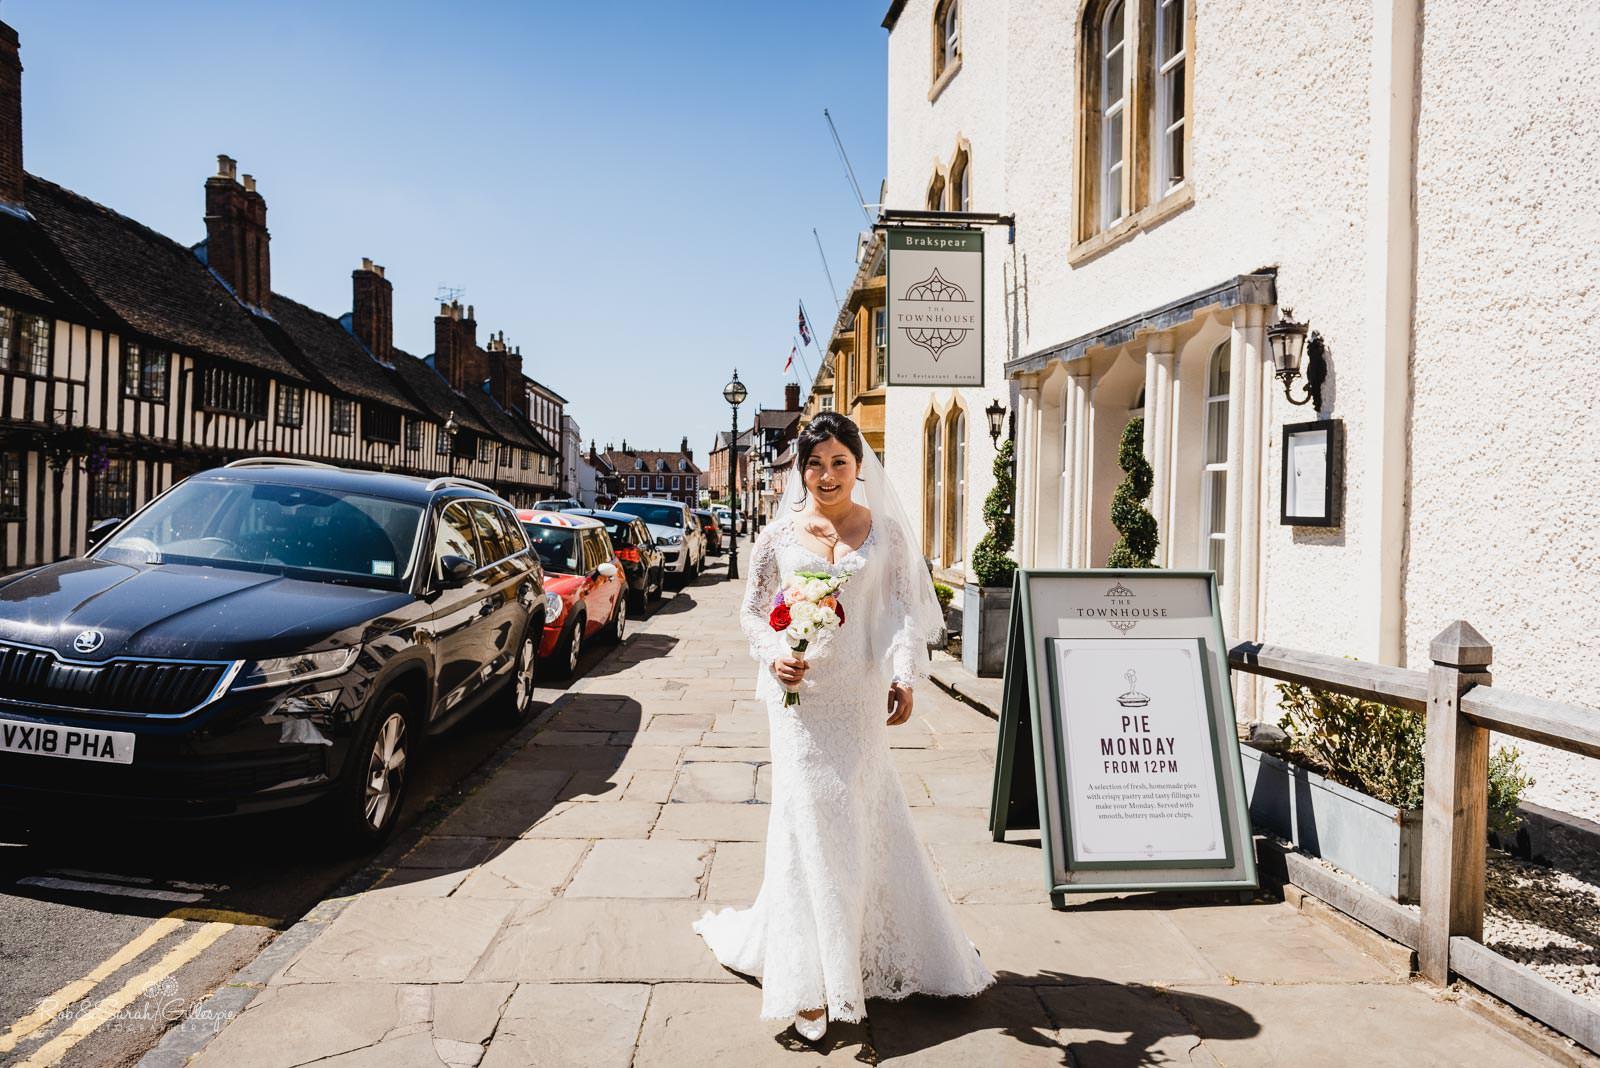 Bride and friends walk through Stratford upon Avon